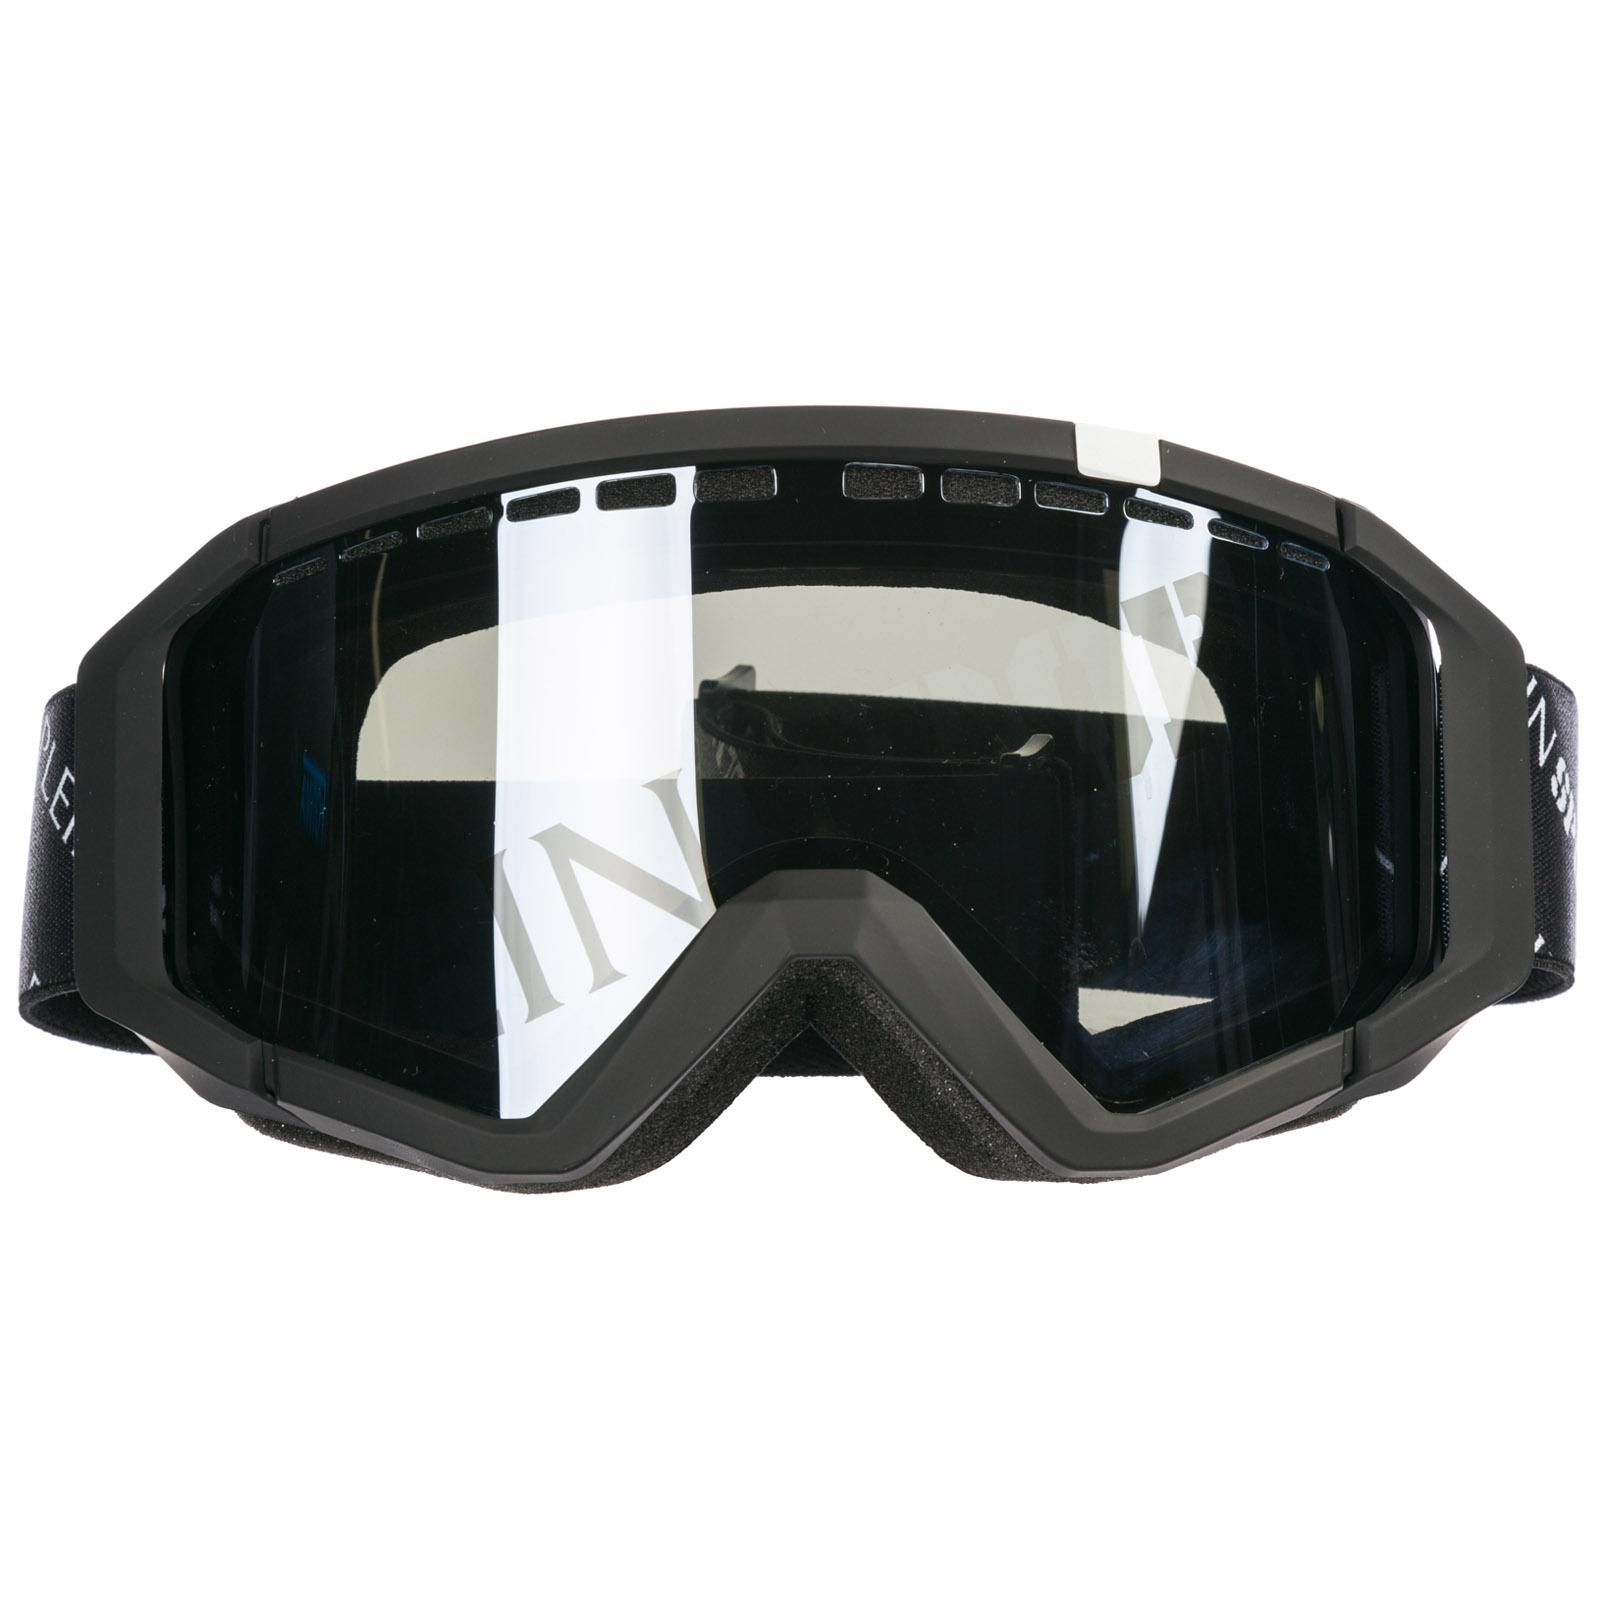 Plein Sport Men's snow/ski goggles  - Black